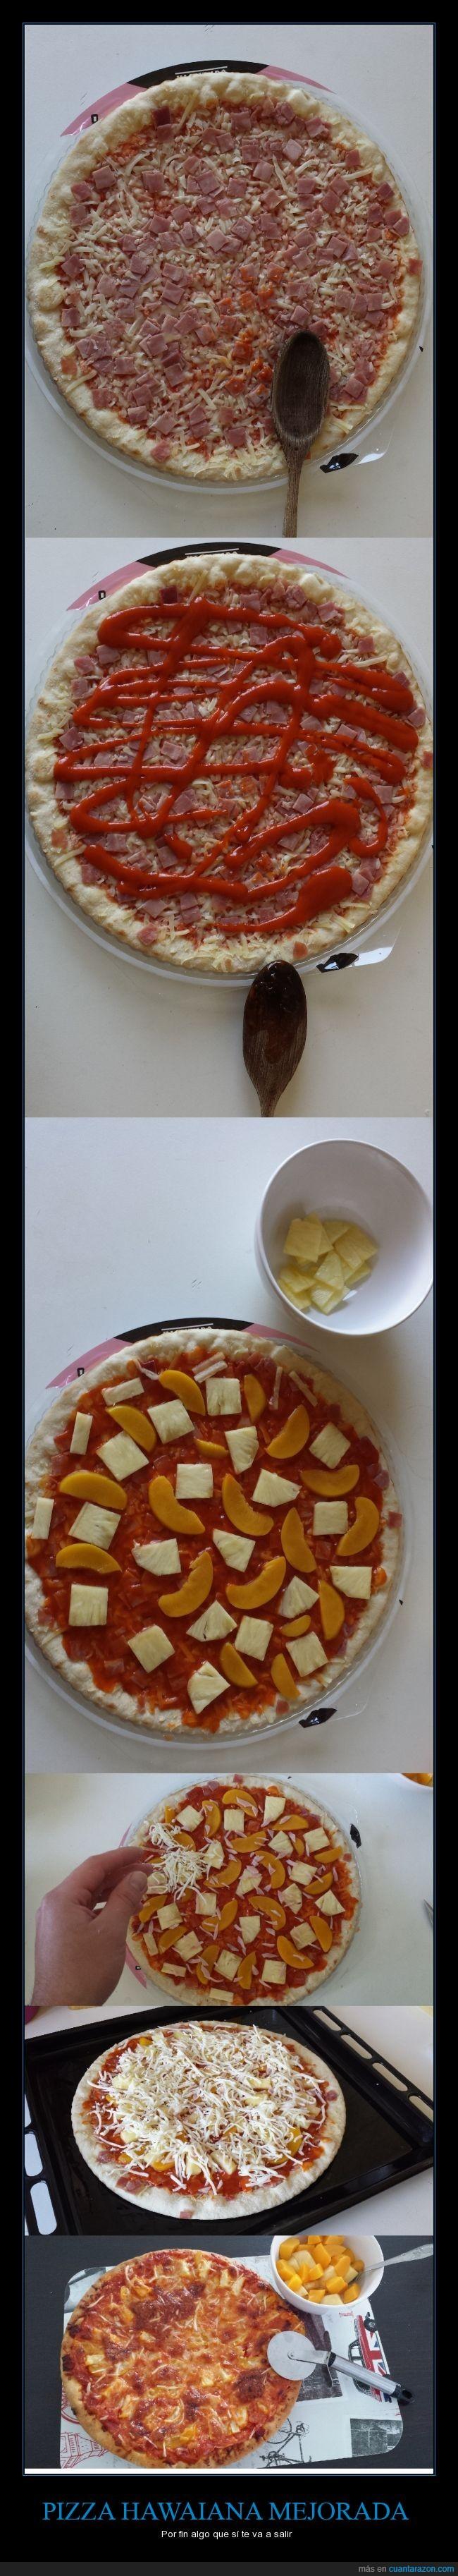 20 minutos,fácil,jamón,melocotón,piña,pizza,pizza hawaiana,por fin algo que sí puedes hacer,práctico,queso mozzarella